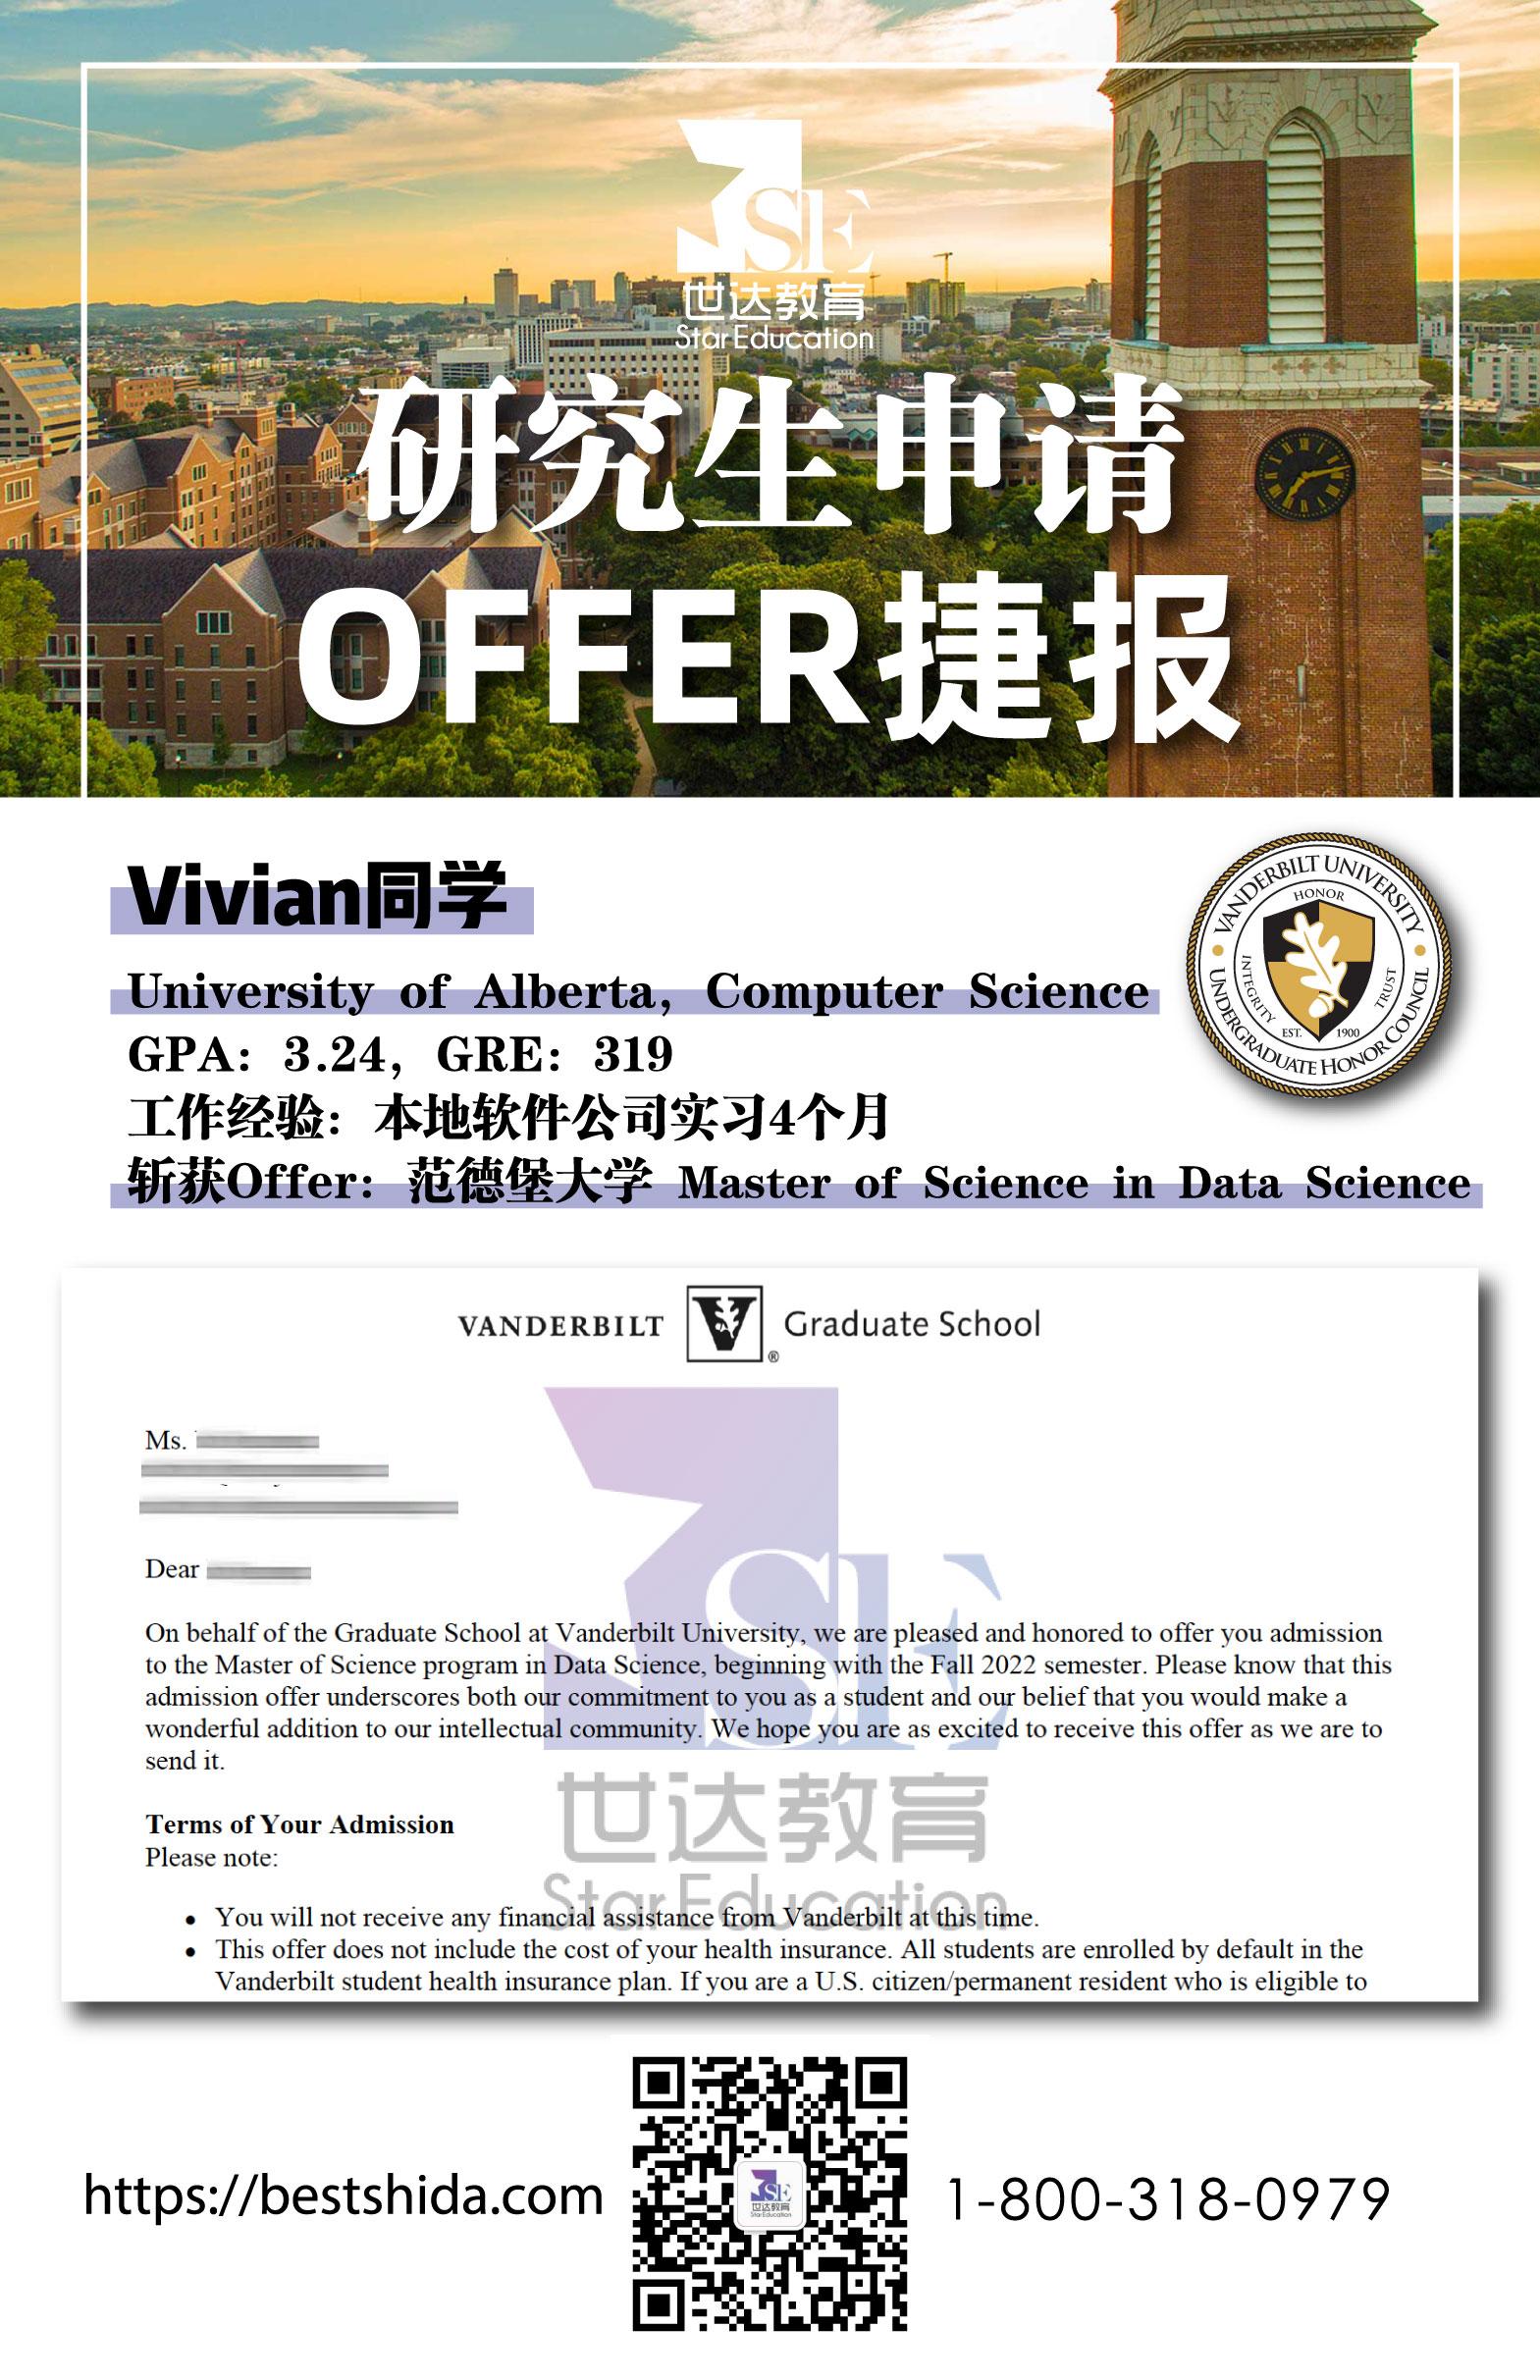 美国范德堡大学研究生offer - 成功案例